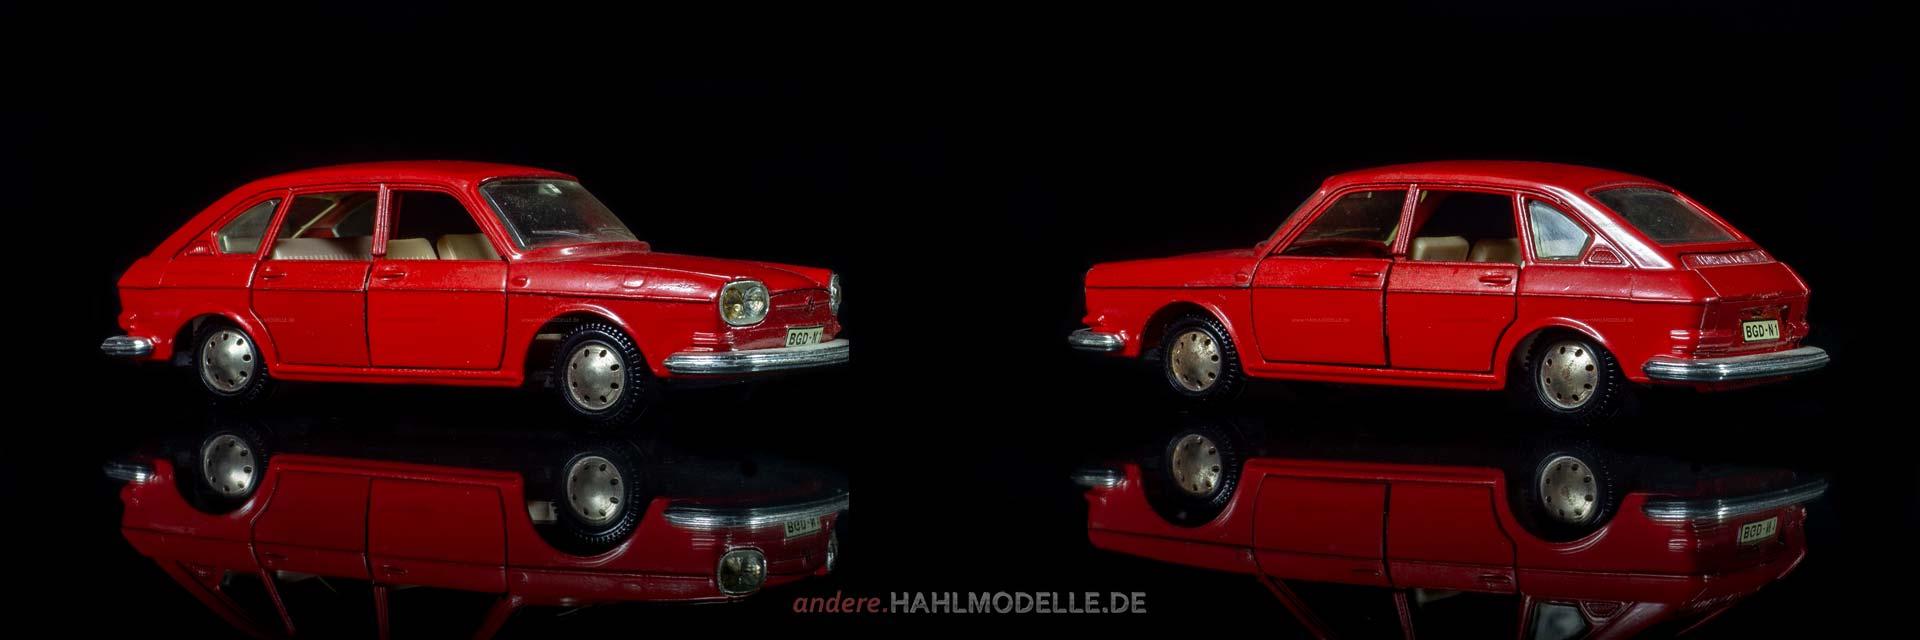 Volkswagen 411 (Typ 4) | Limousine | Märklin | 1:43 | www.andere.hahlmodelle.de